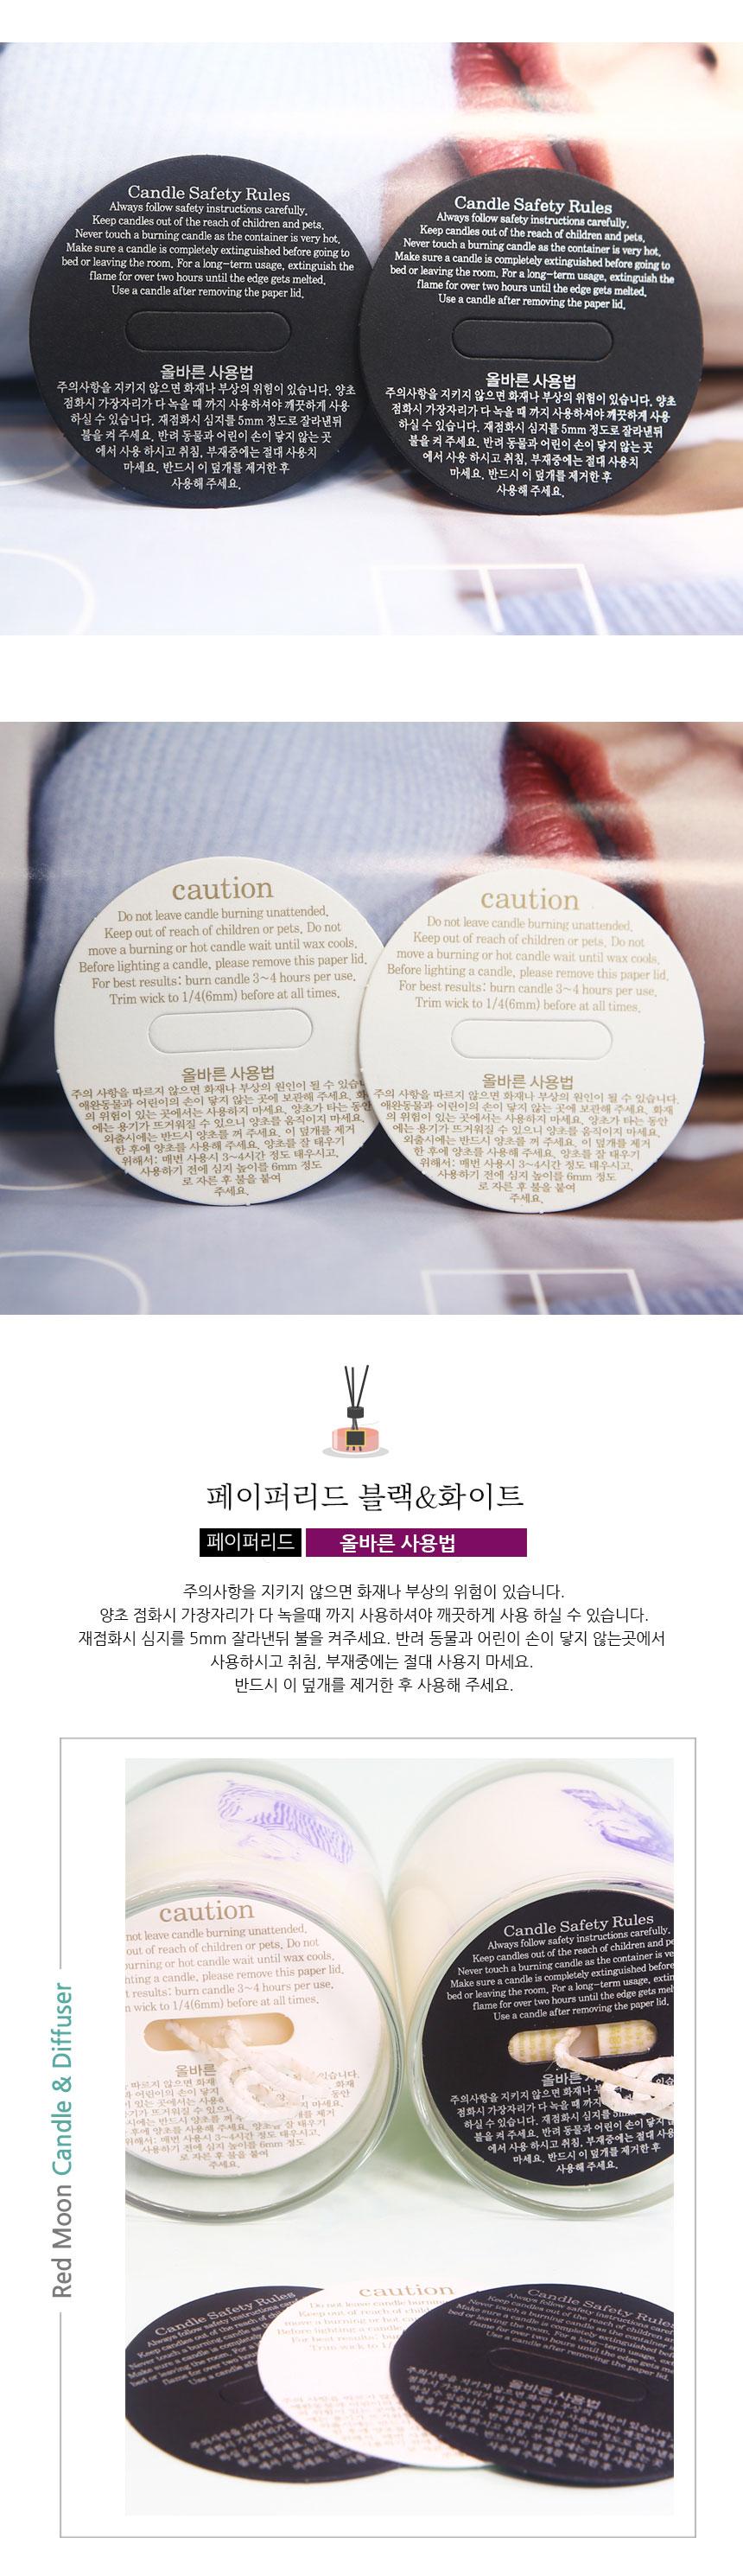 7oz 페이퍼리드 블랙&화이트 - 씨네손, 800원, 캔들, 티라이트 캔들